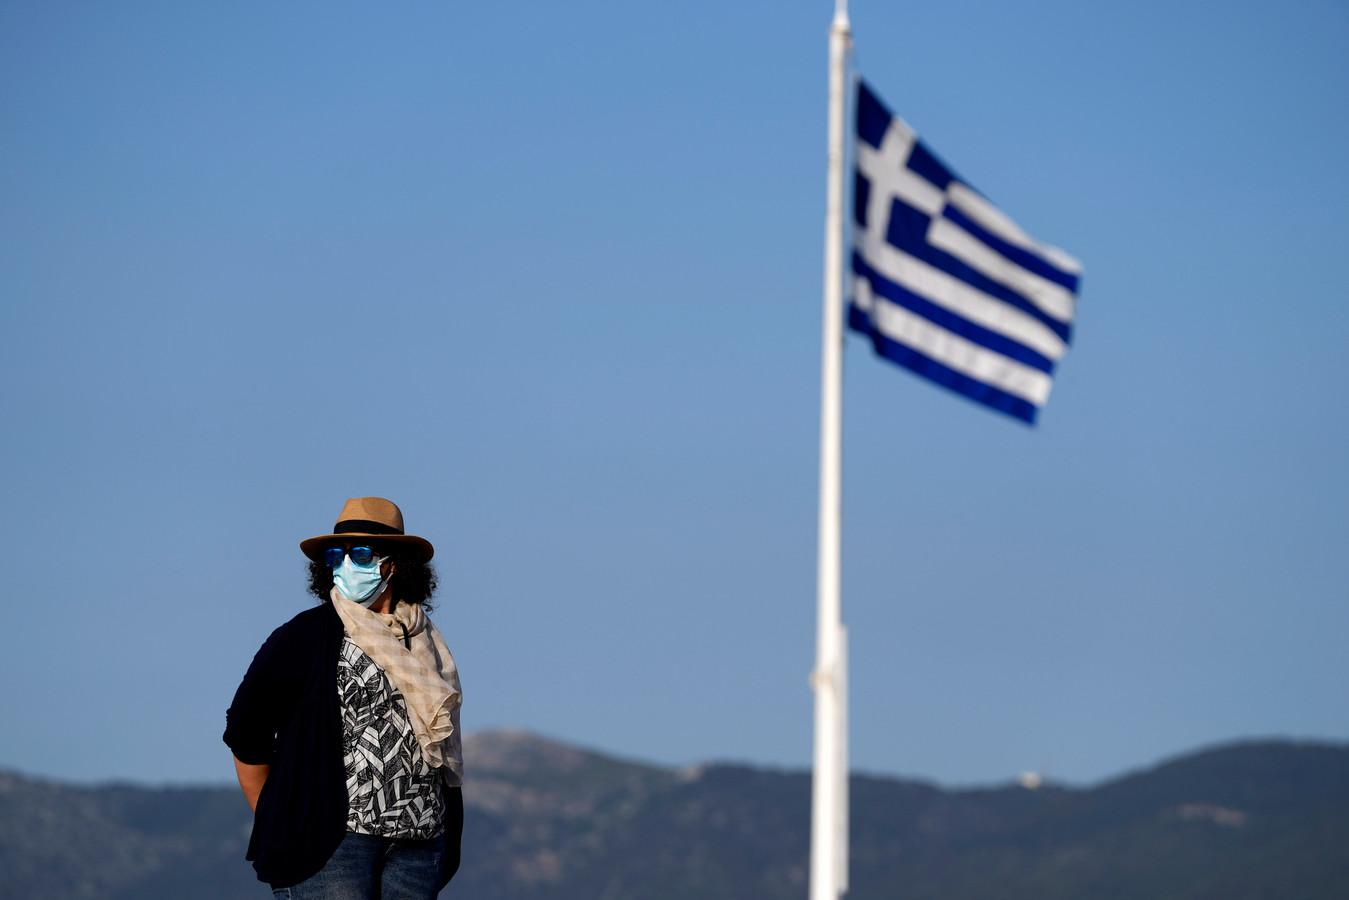 Avec l'amélioration de la situation sanitaire, la Grèce lèvera également le couvre-feu à partir de lundi, a précisé le ministre adjoint à la protection civile Nikos Hardalias.